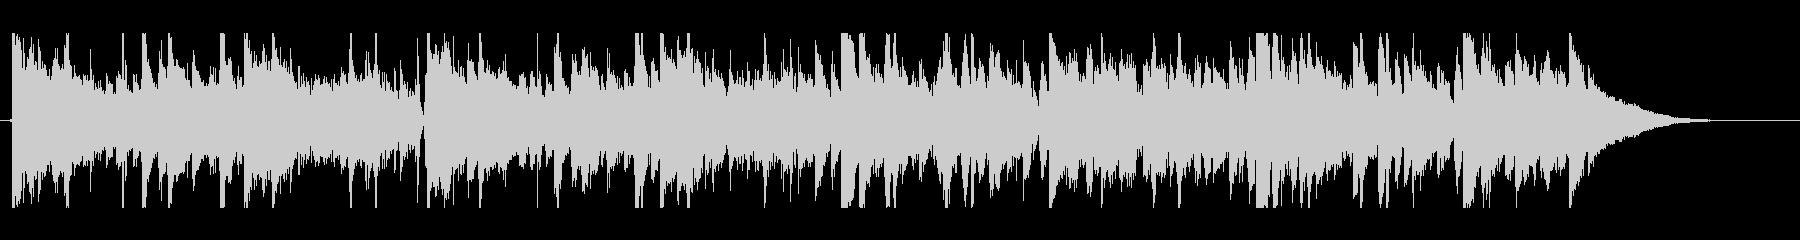 生録音アコギのエレクトロニカ系トラックの未再生の波形